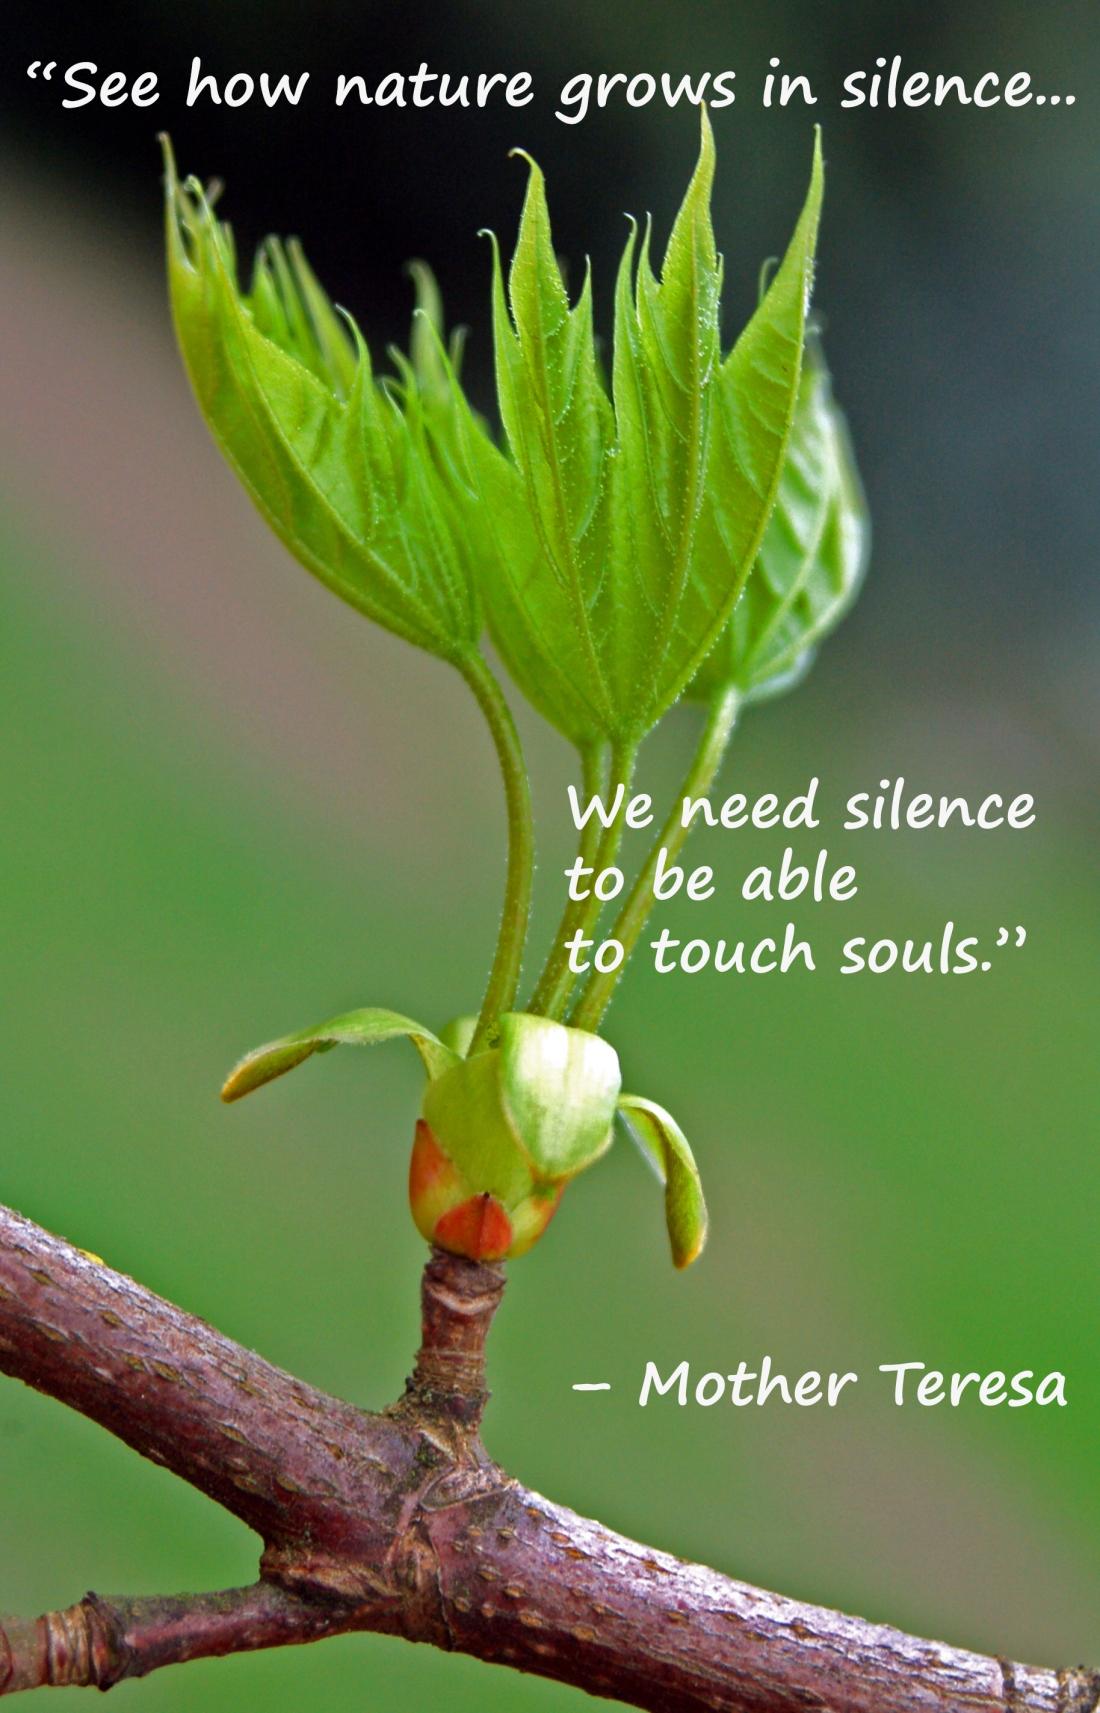 Teresa silence leaves